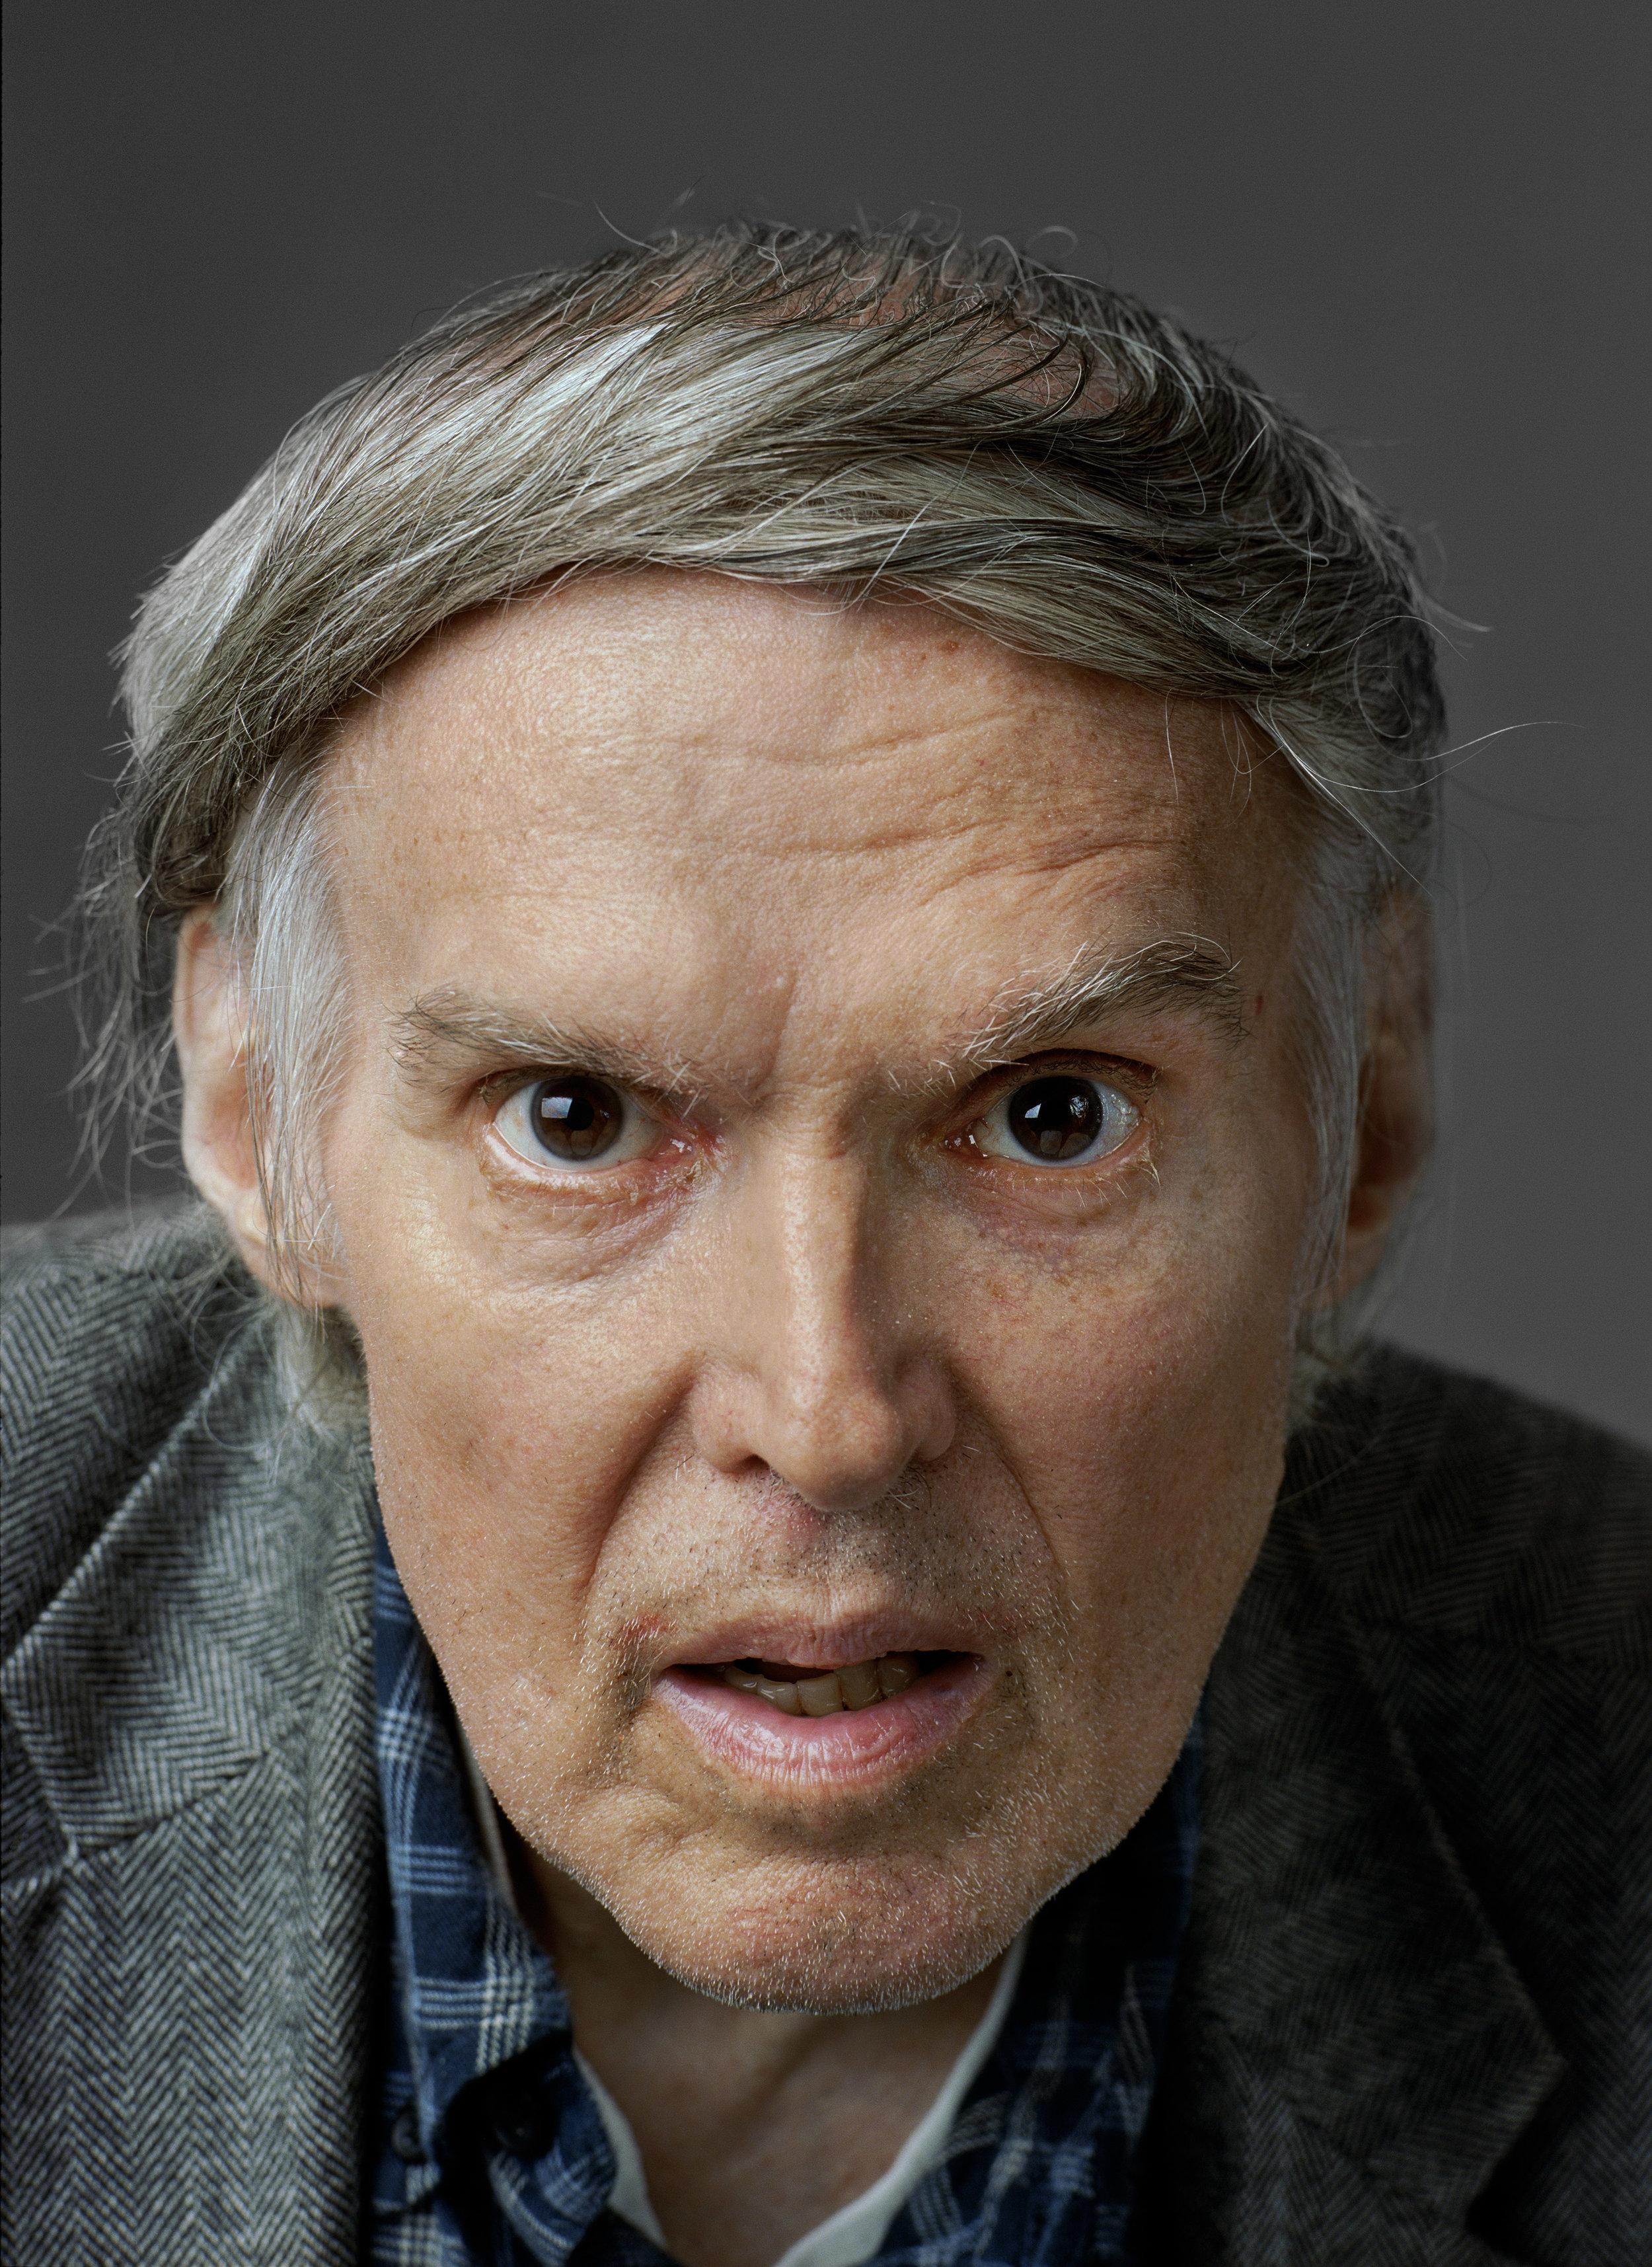 Phil (b. Atlanta, GA, 1946), photographed in Atlanta GA., april 2011. © Jan Banning